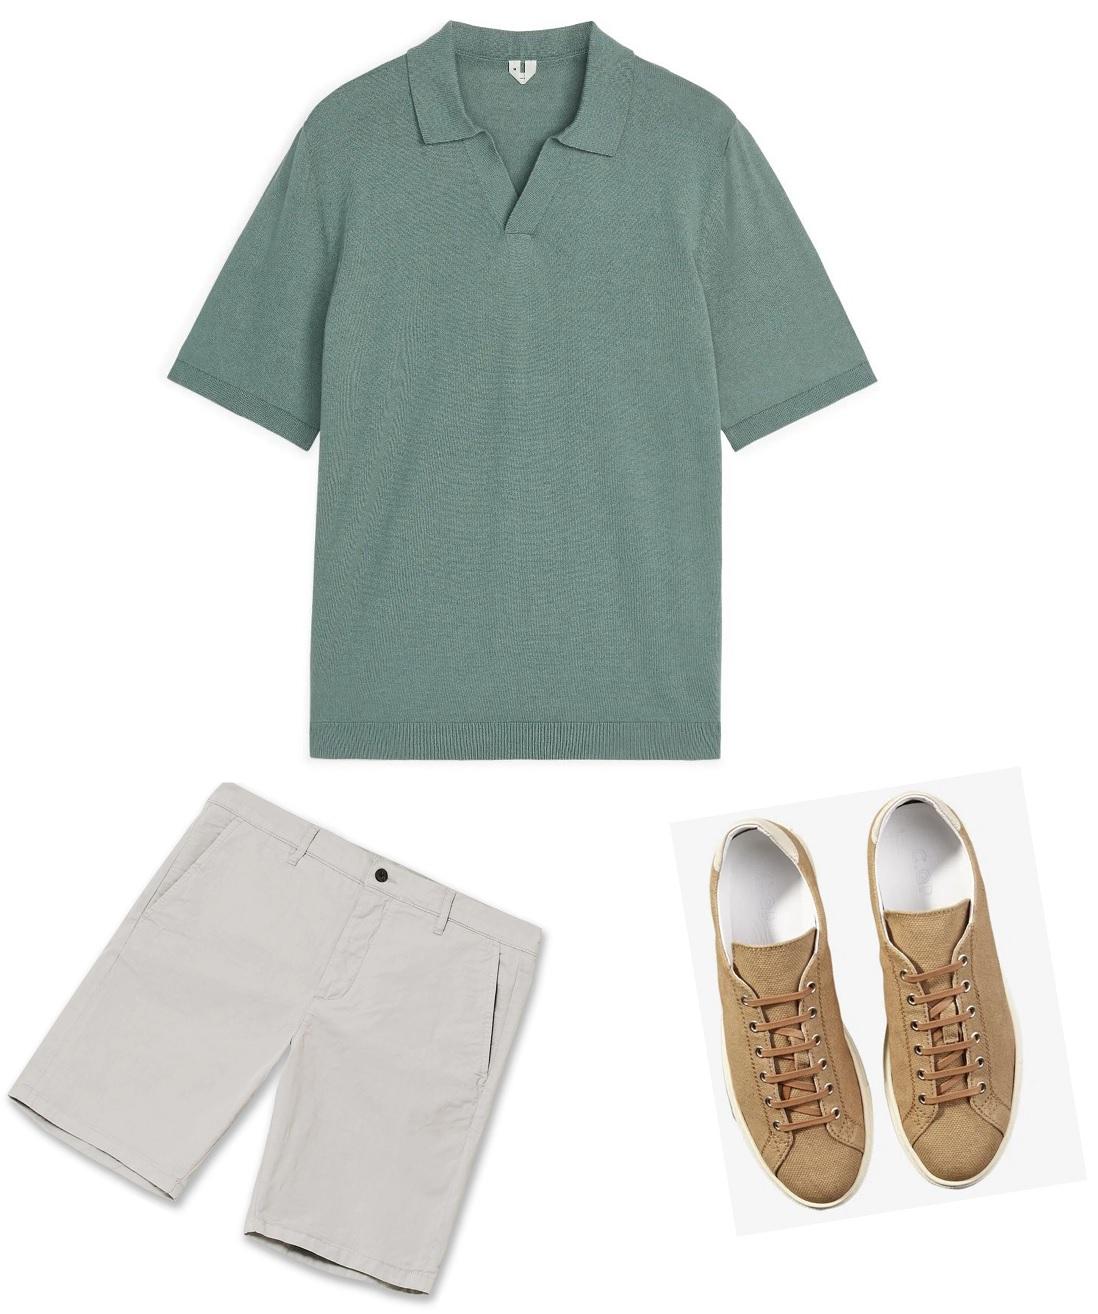 sommertøj god stil